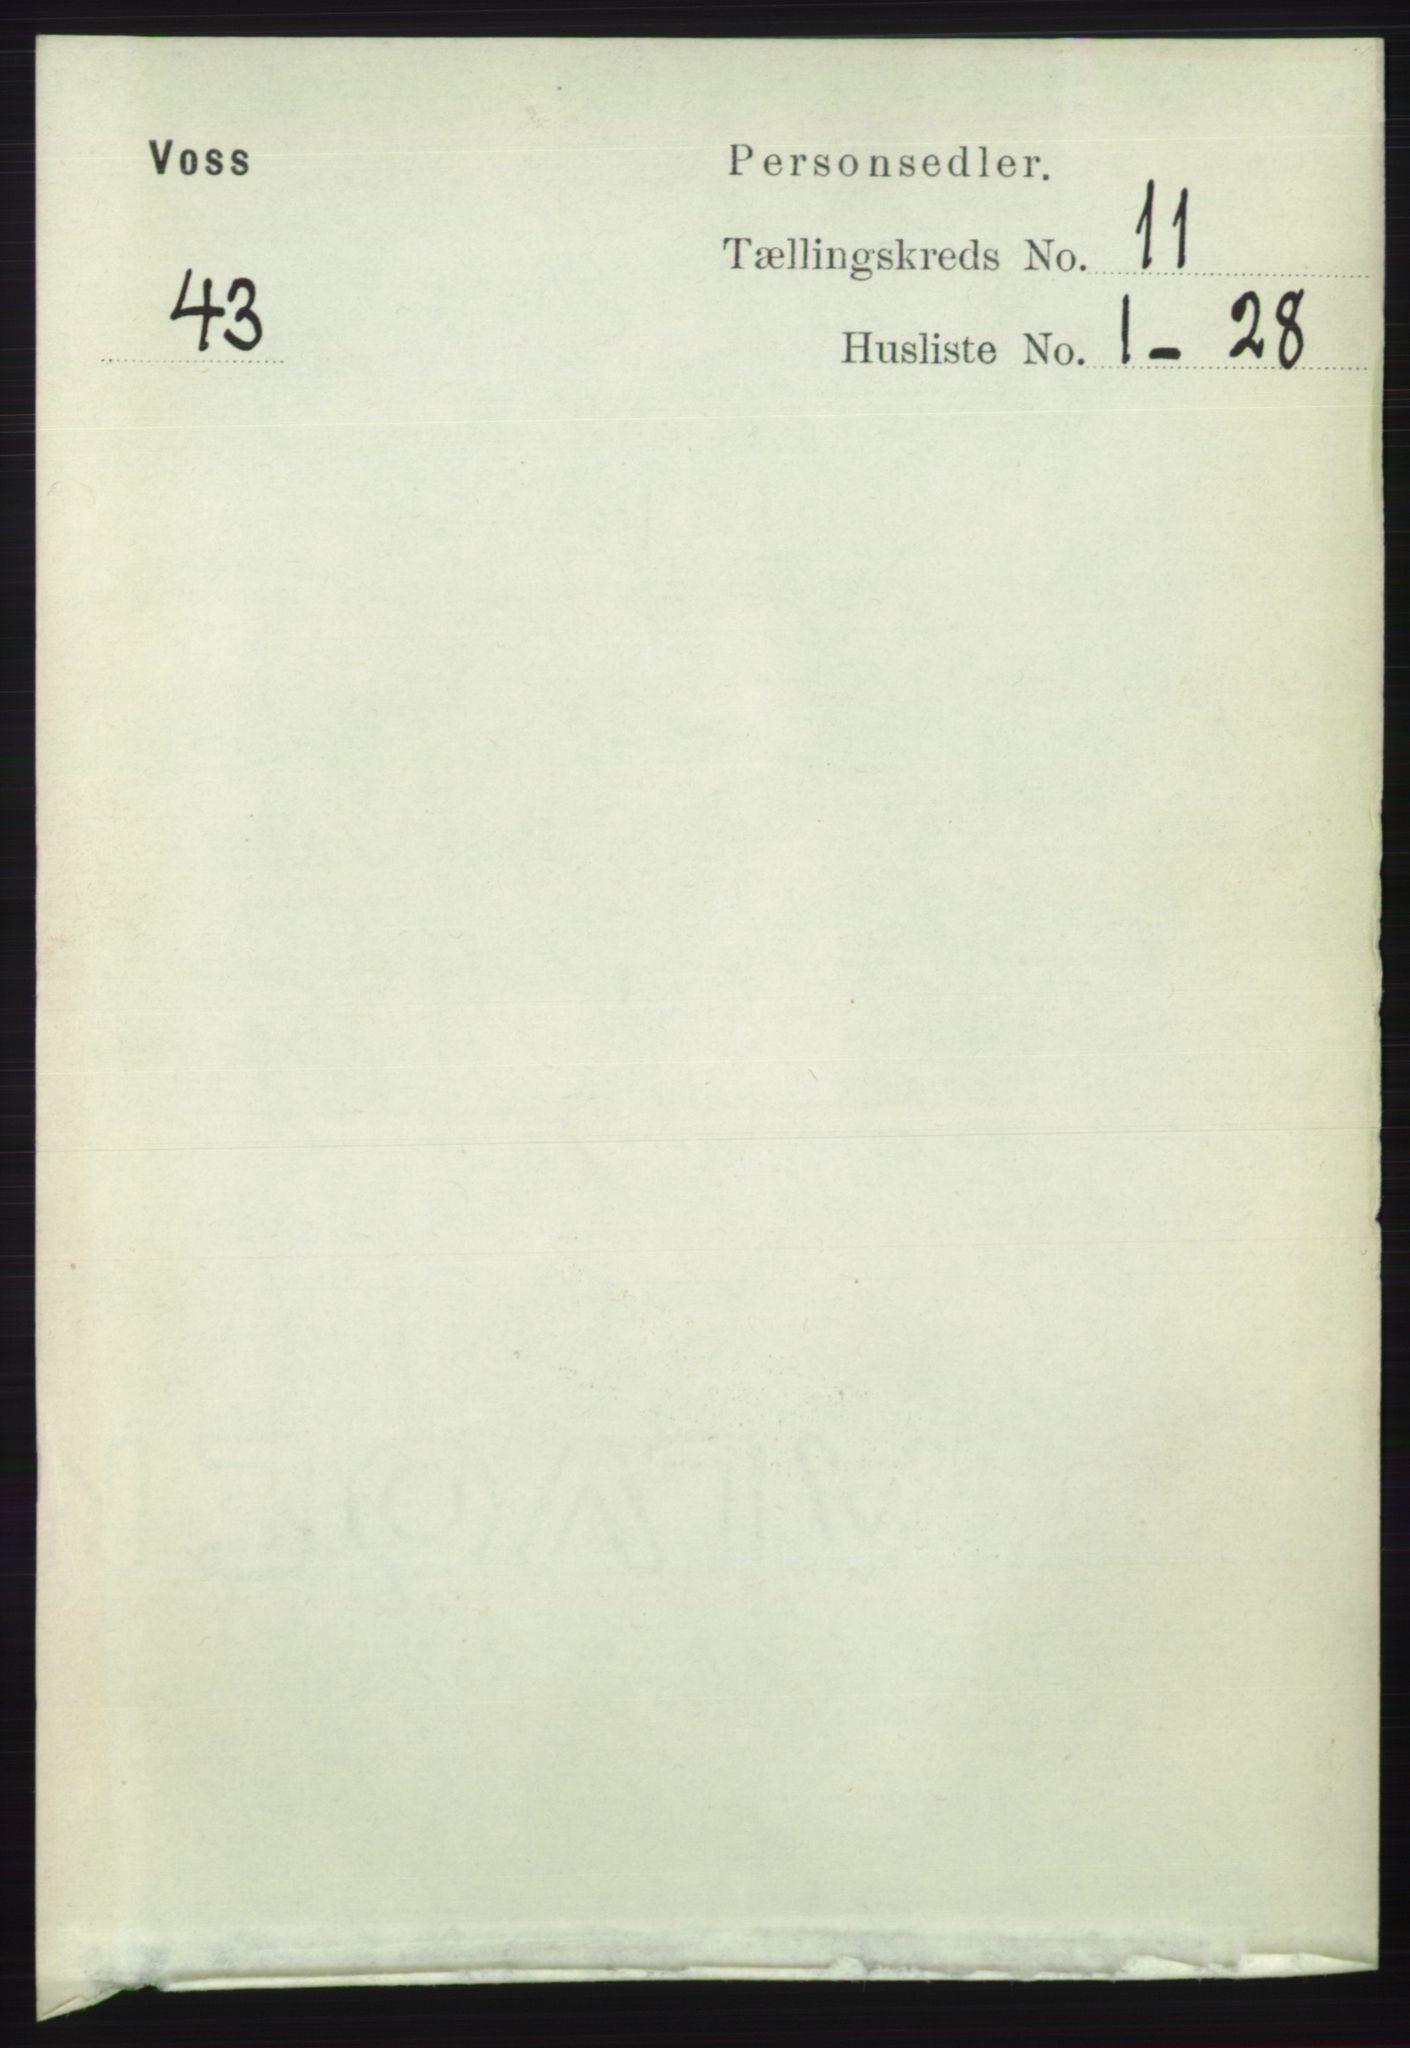 RA, Folketelling 1891 for 1235 Voss herred, 1891, s. 5827